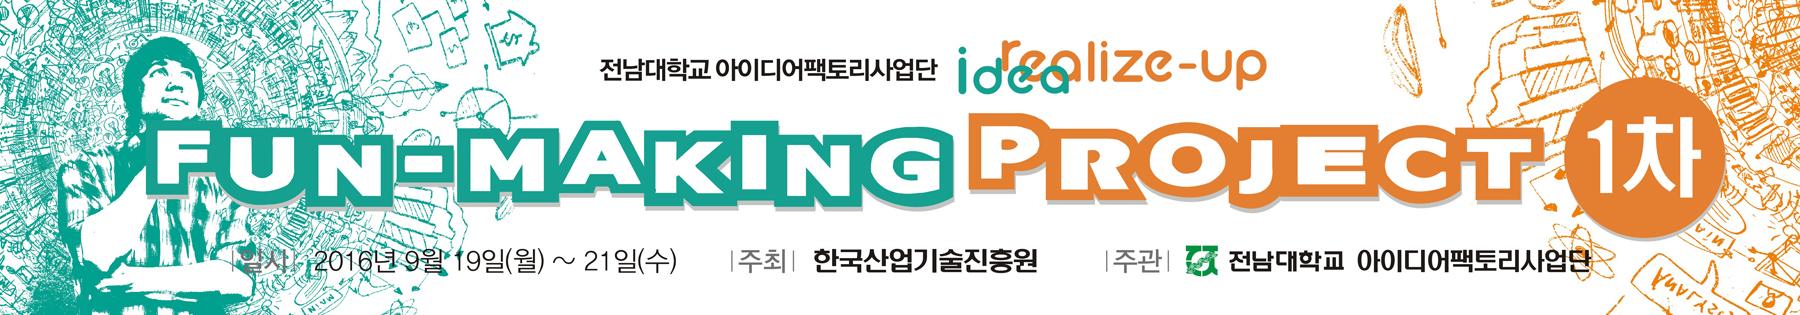 fun-making_project_1차.jpg